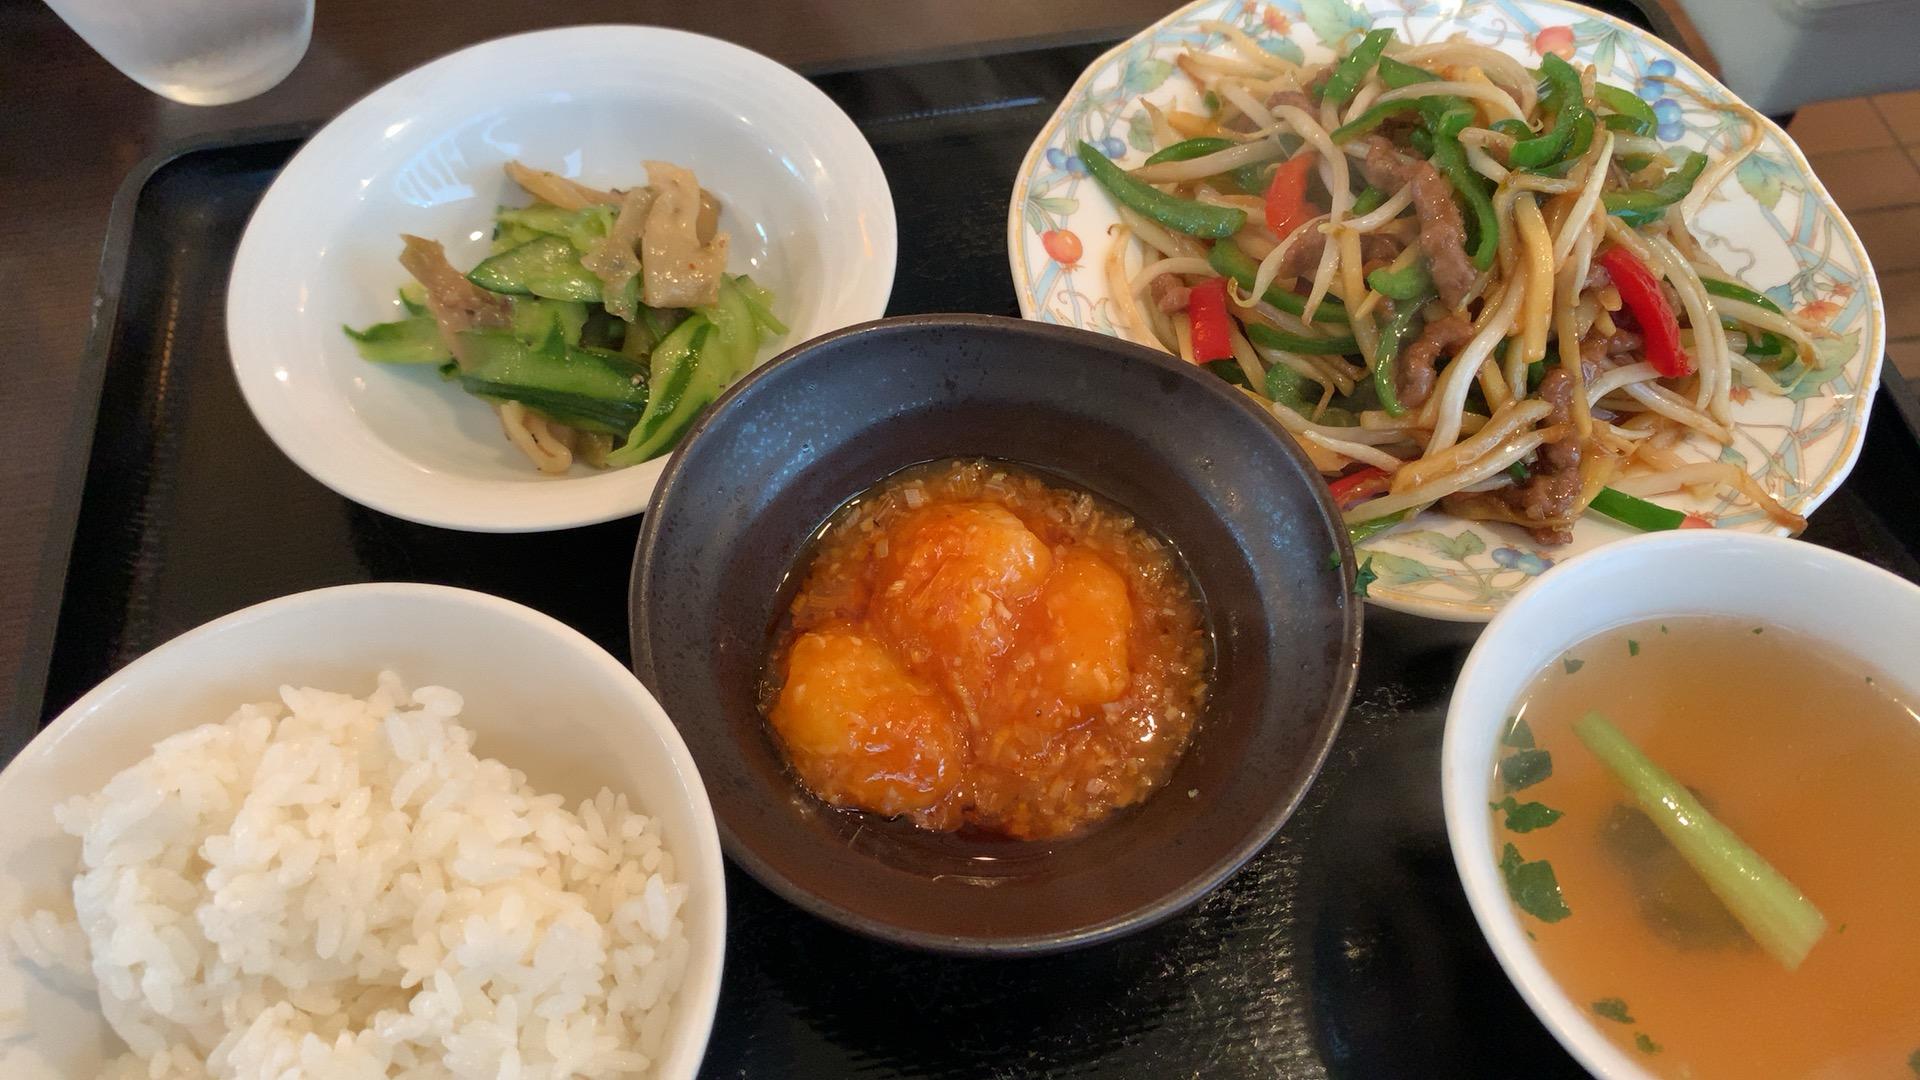 札幌・中央区 厨華房 曼田林(まんだりん)